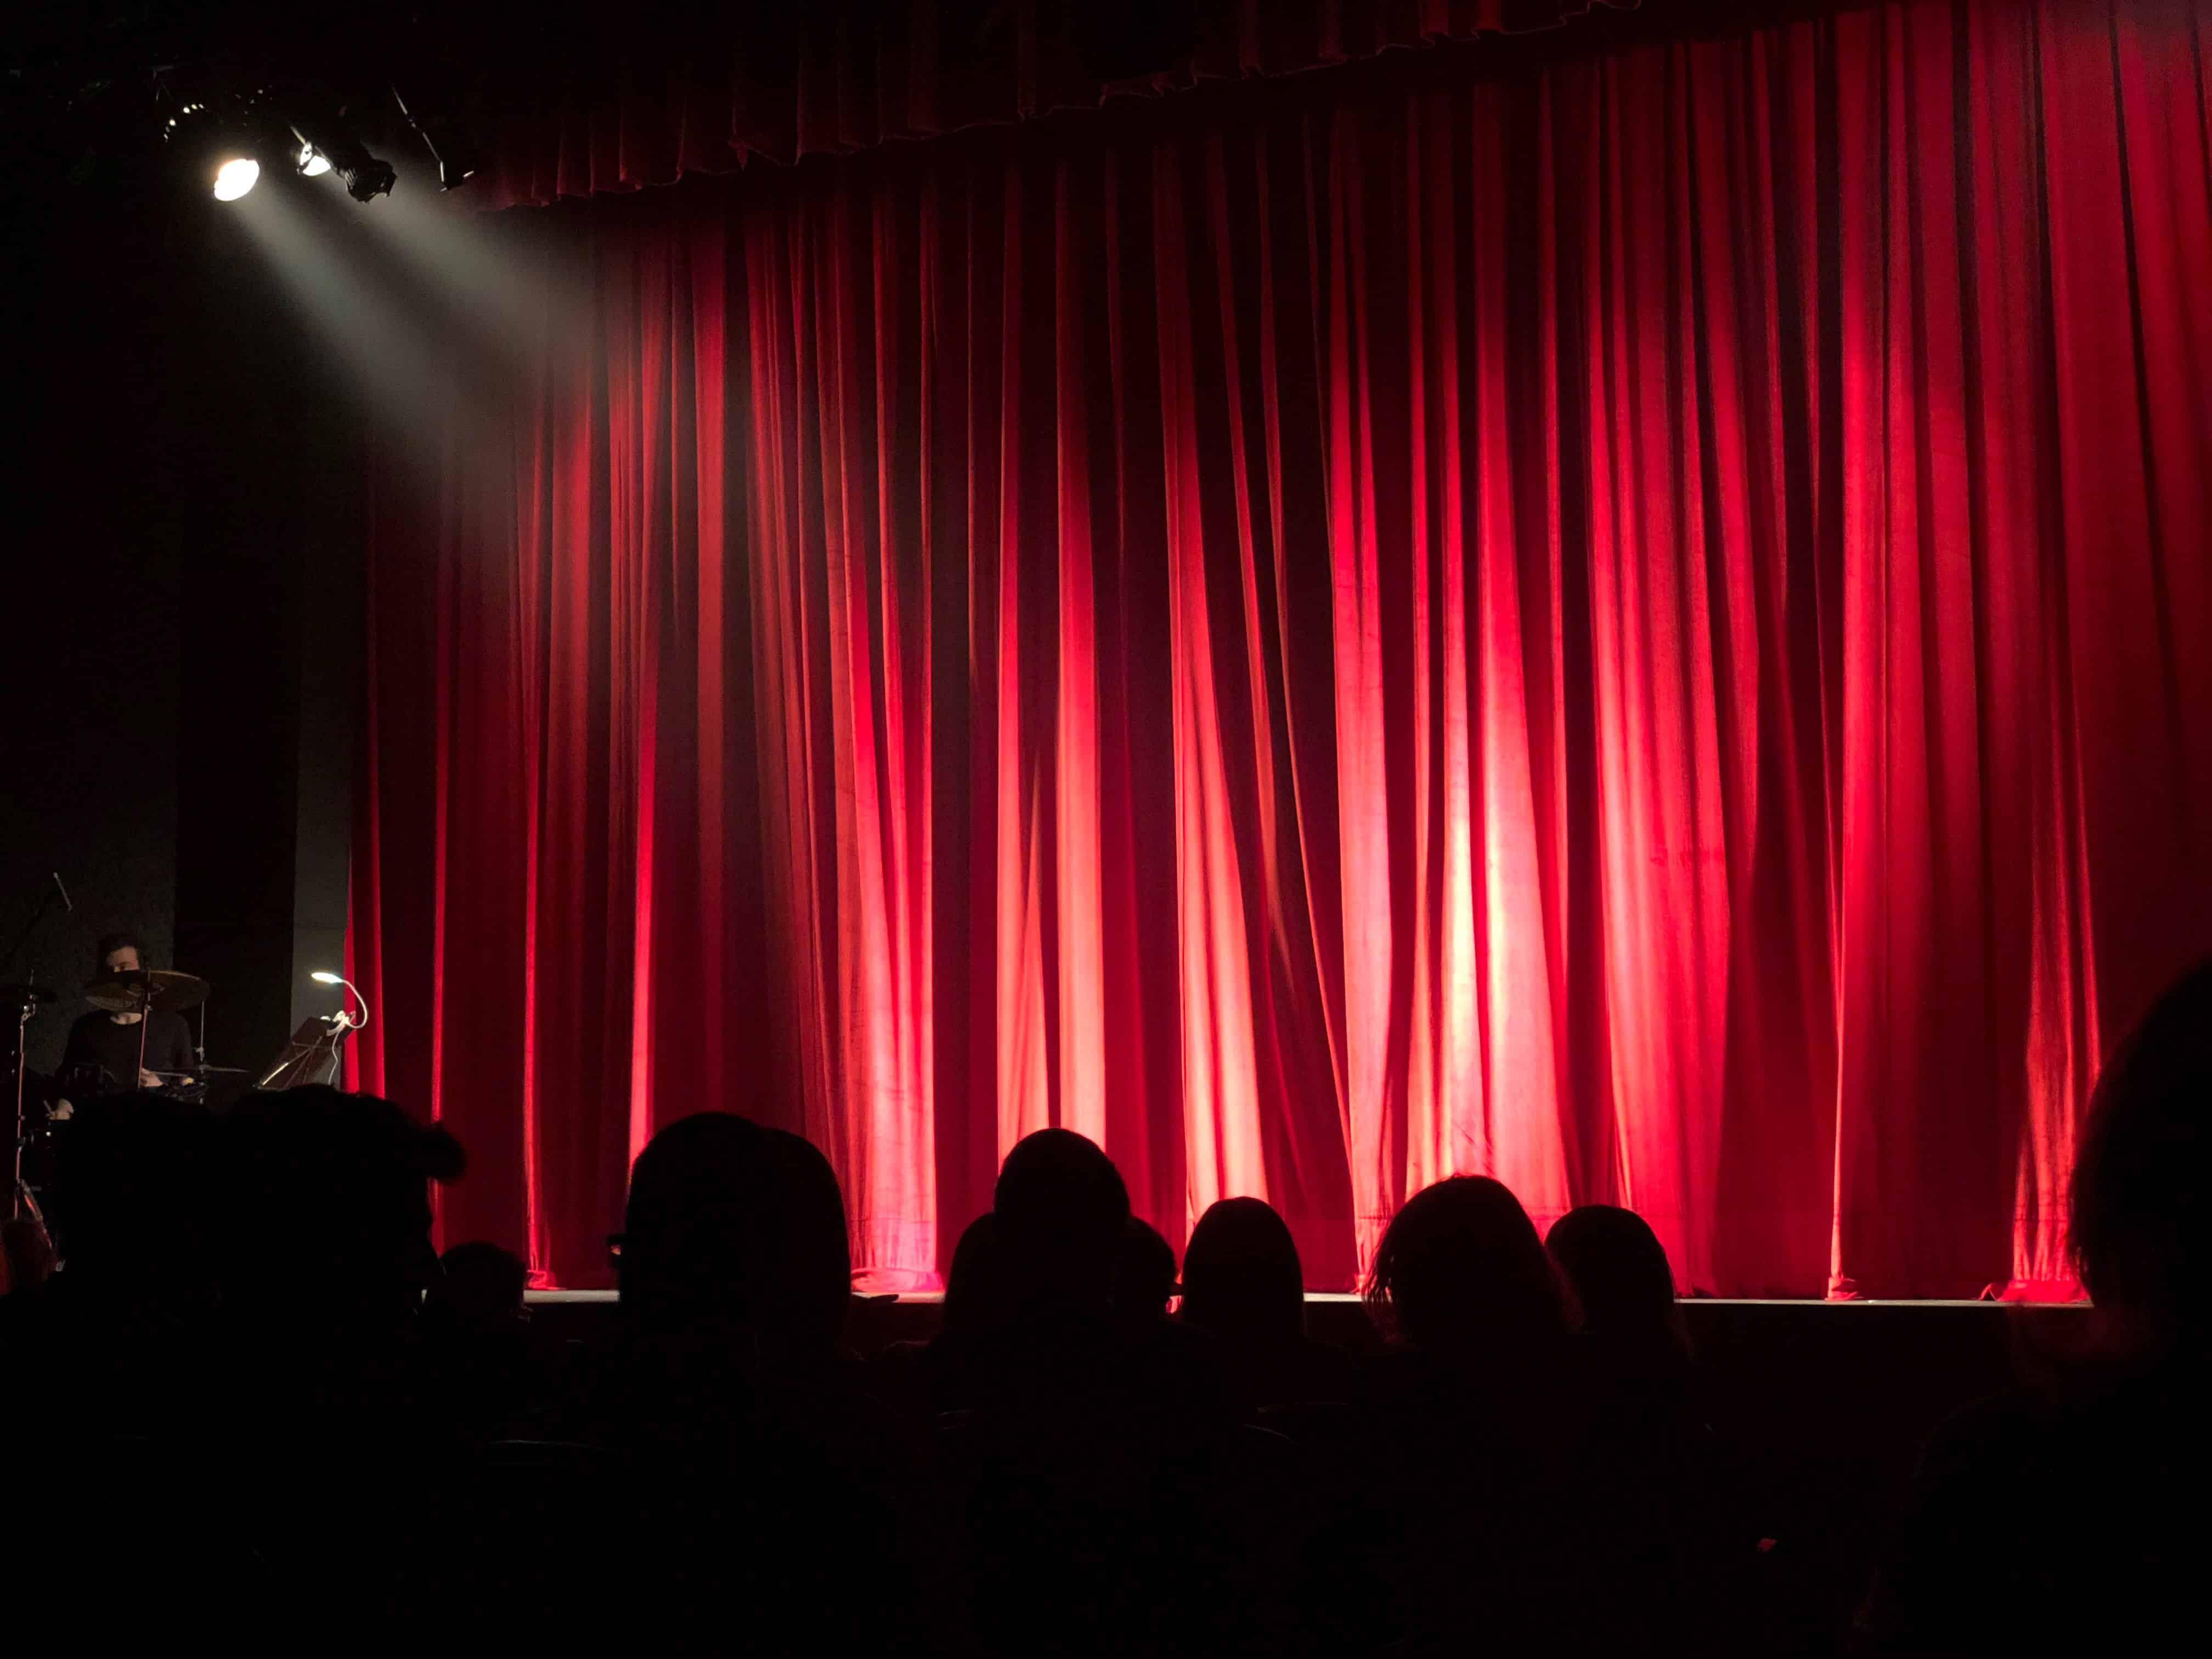 palco de teatro com plateia